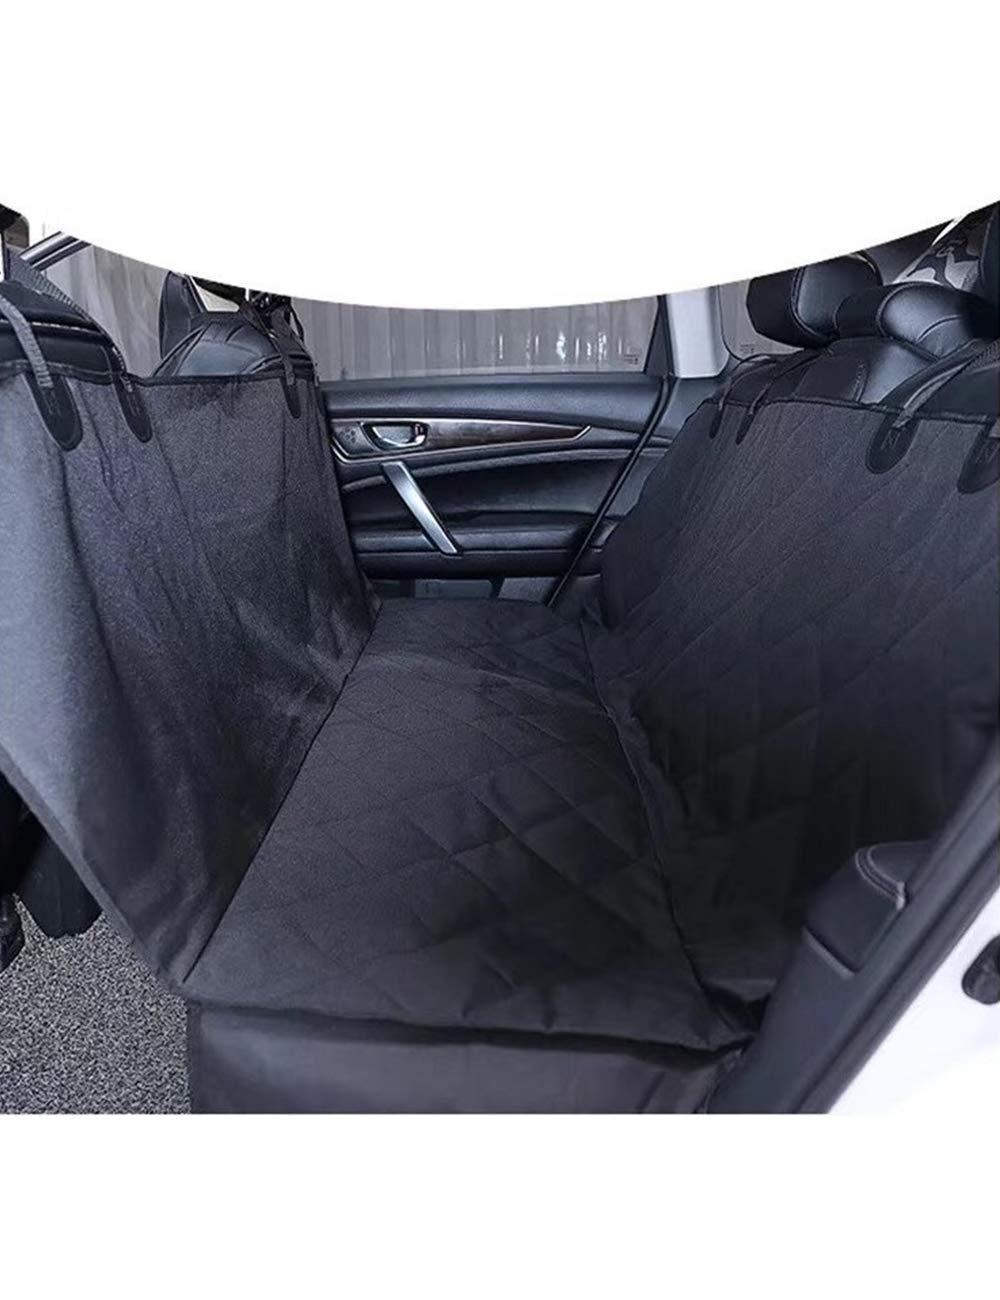 147cmx137cm SPDYCESS Coprisedili Copri Sedile Automobile per Animali Cani Auto Protezione del Sedile Posteriore Stile Amaca per Tutte Le Automobili